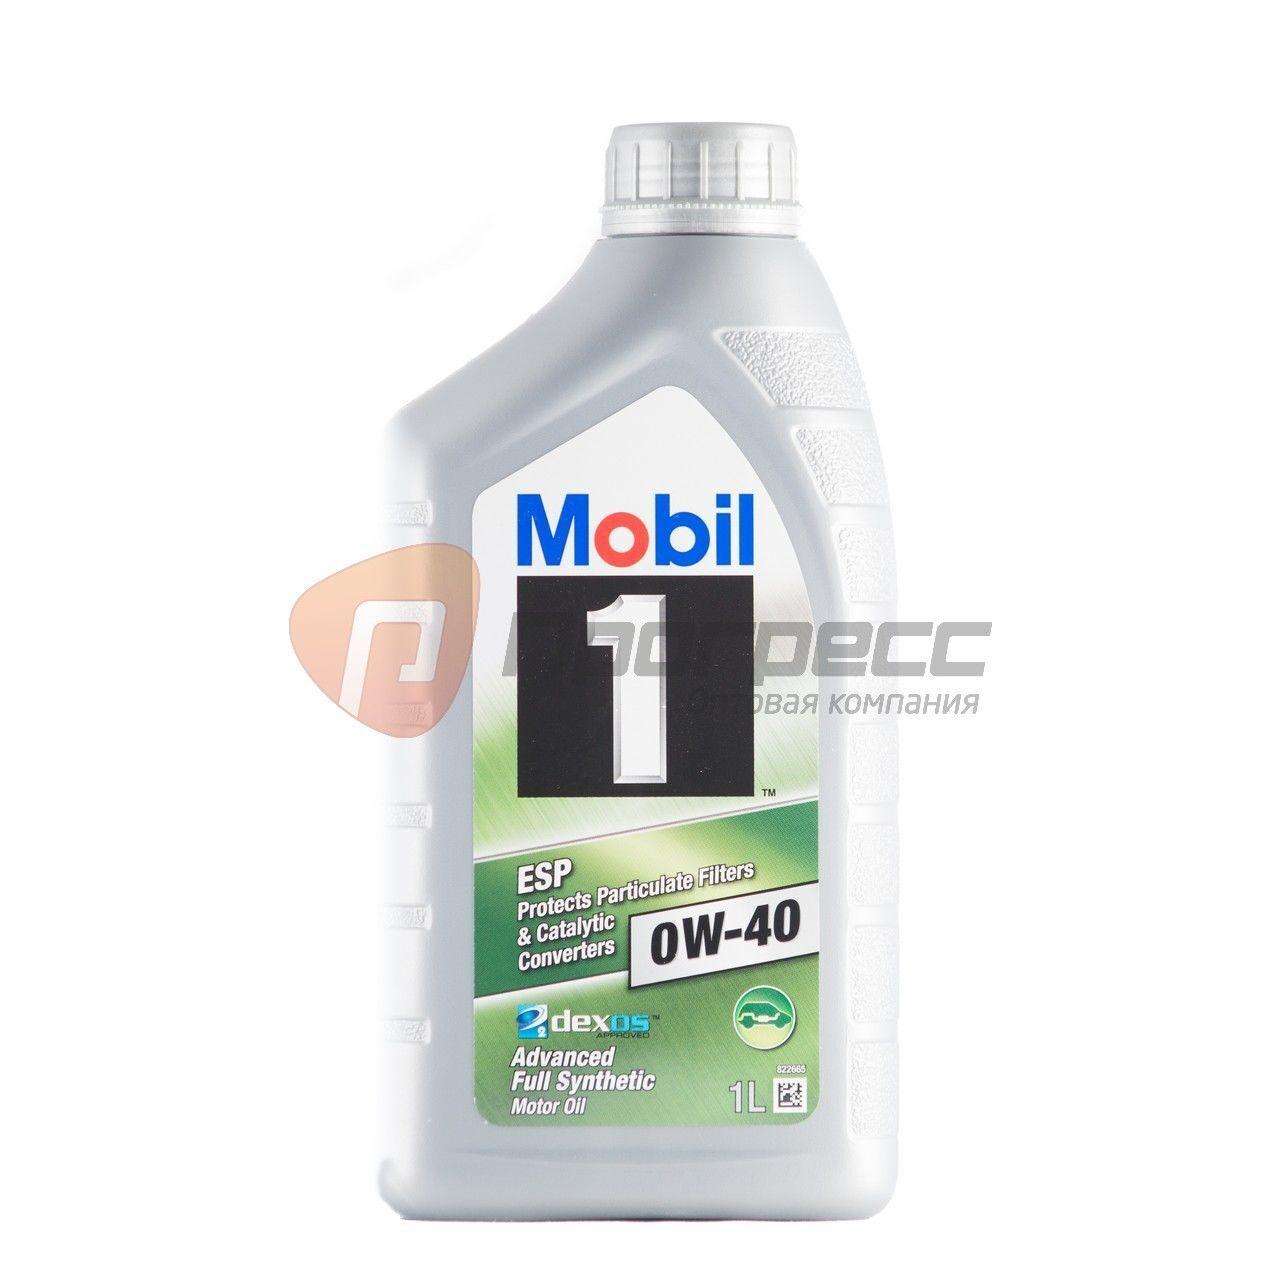 Mobil 0W40 Esp